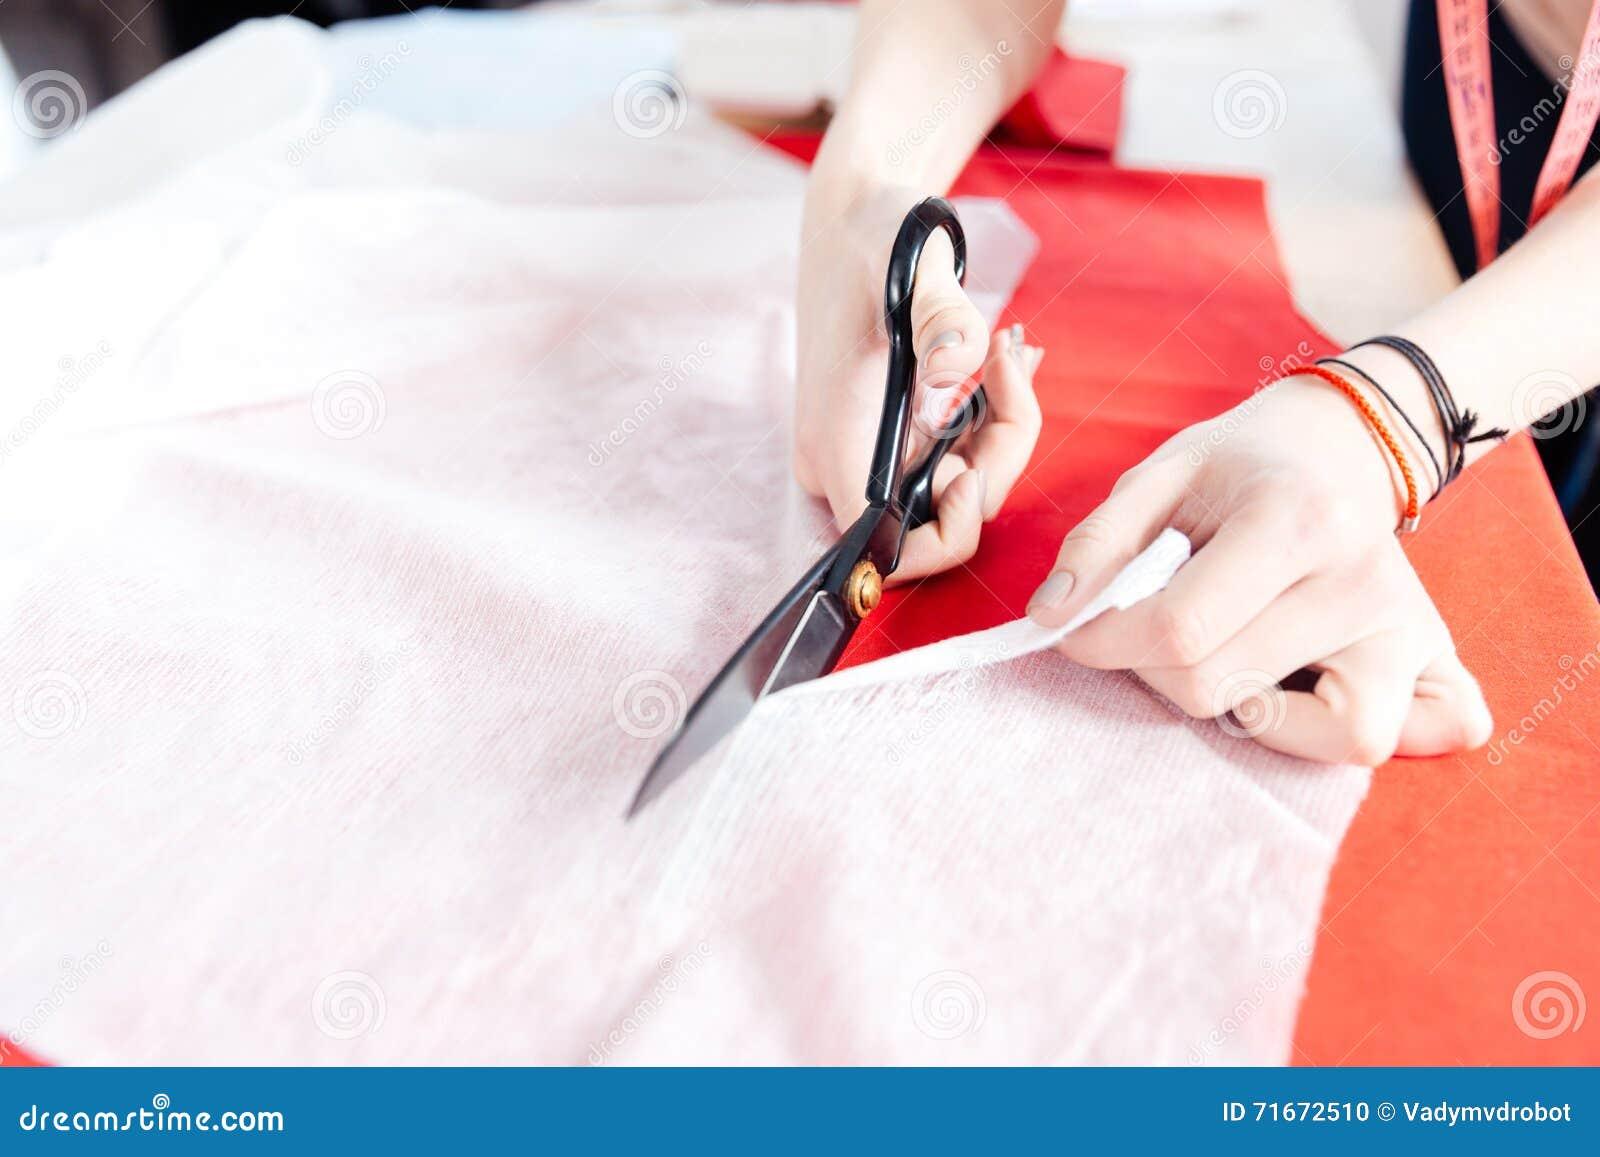 Ręki kobiety szwaczka ciie tkaninę z nożycami